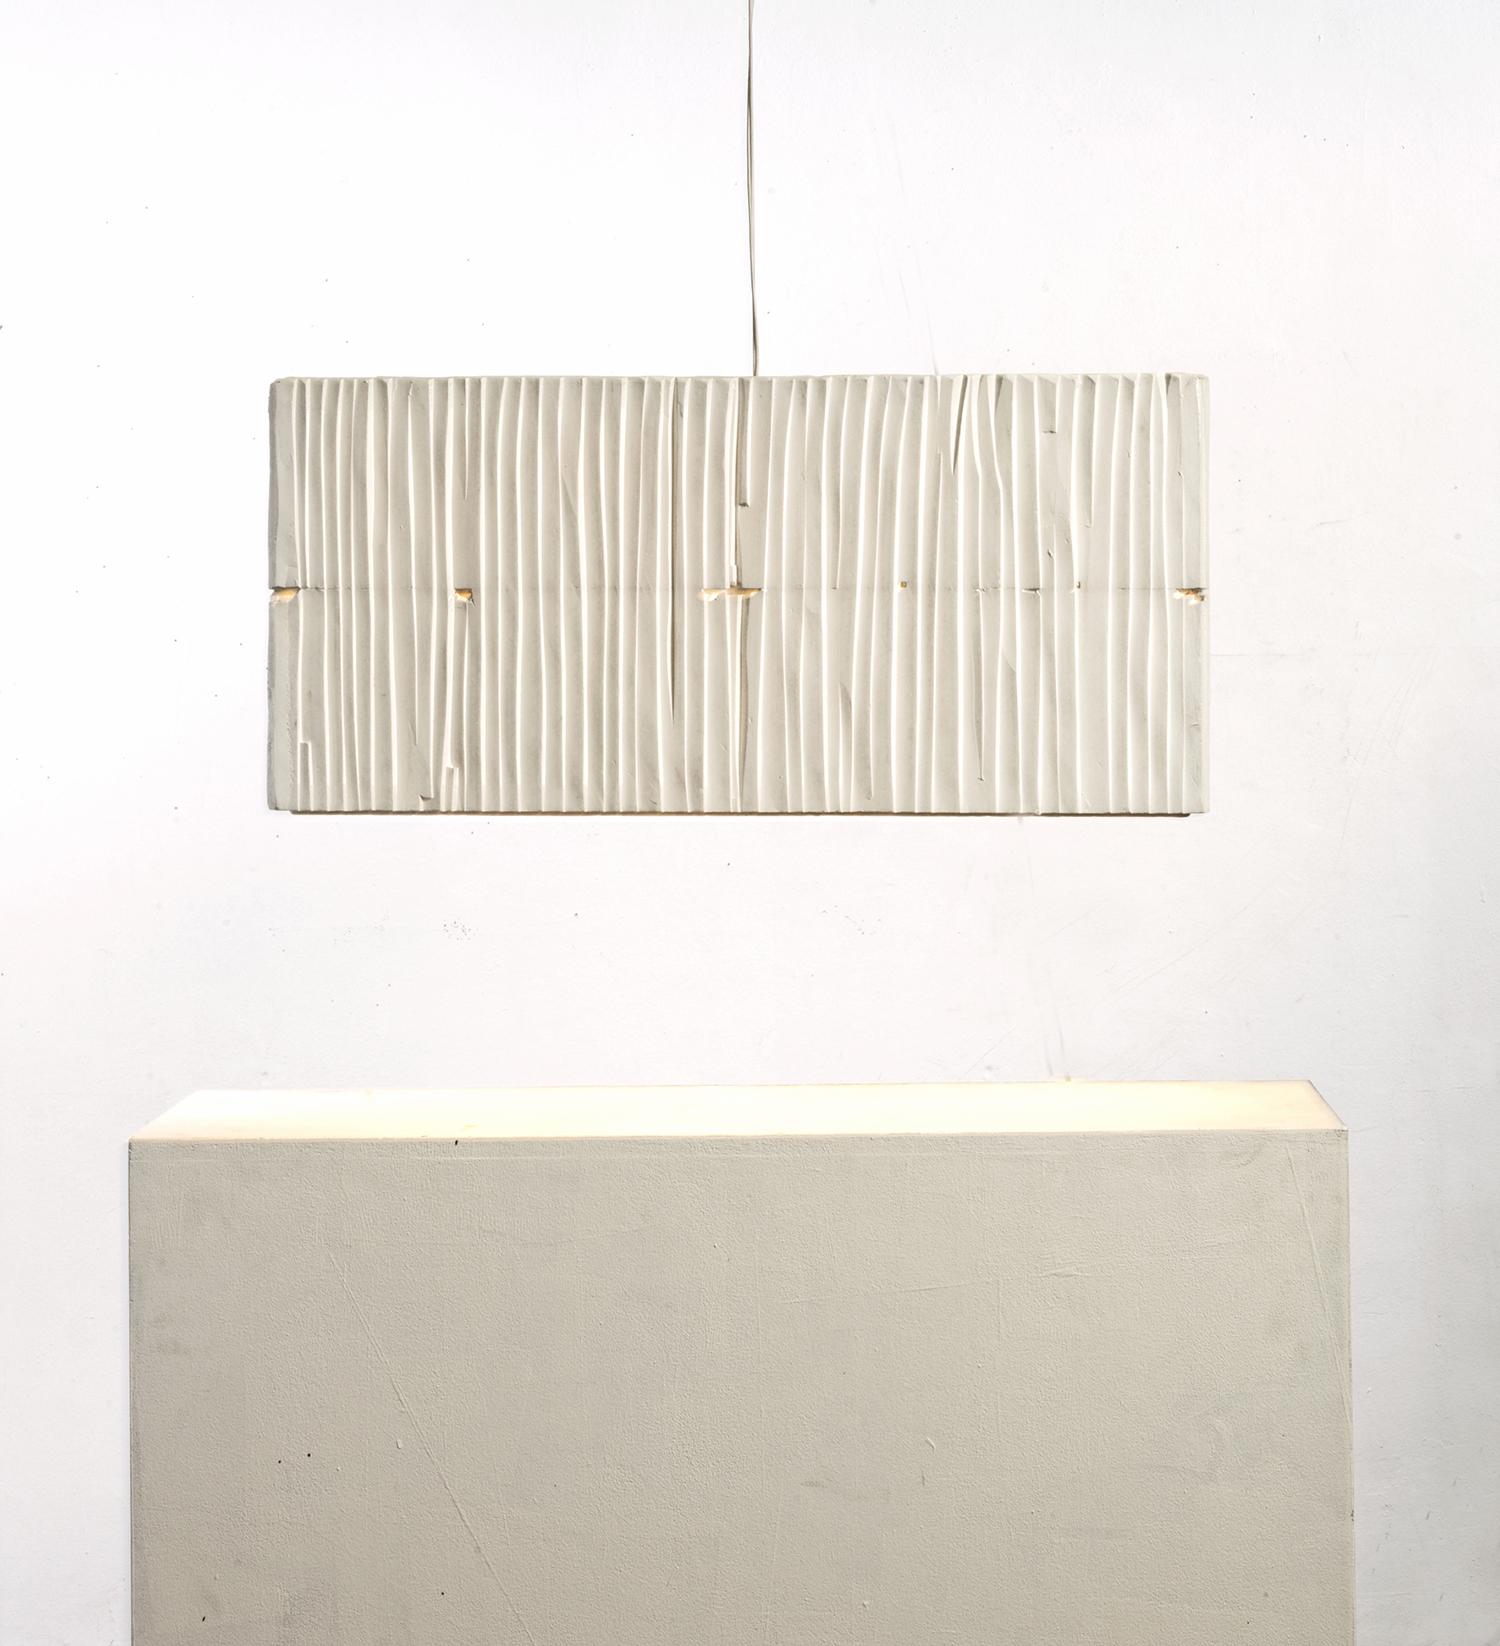 gisela_stiegler_2_floor_lamp_white_frontal_view_marion_friedmann_gallery.jpg